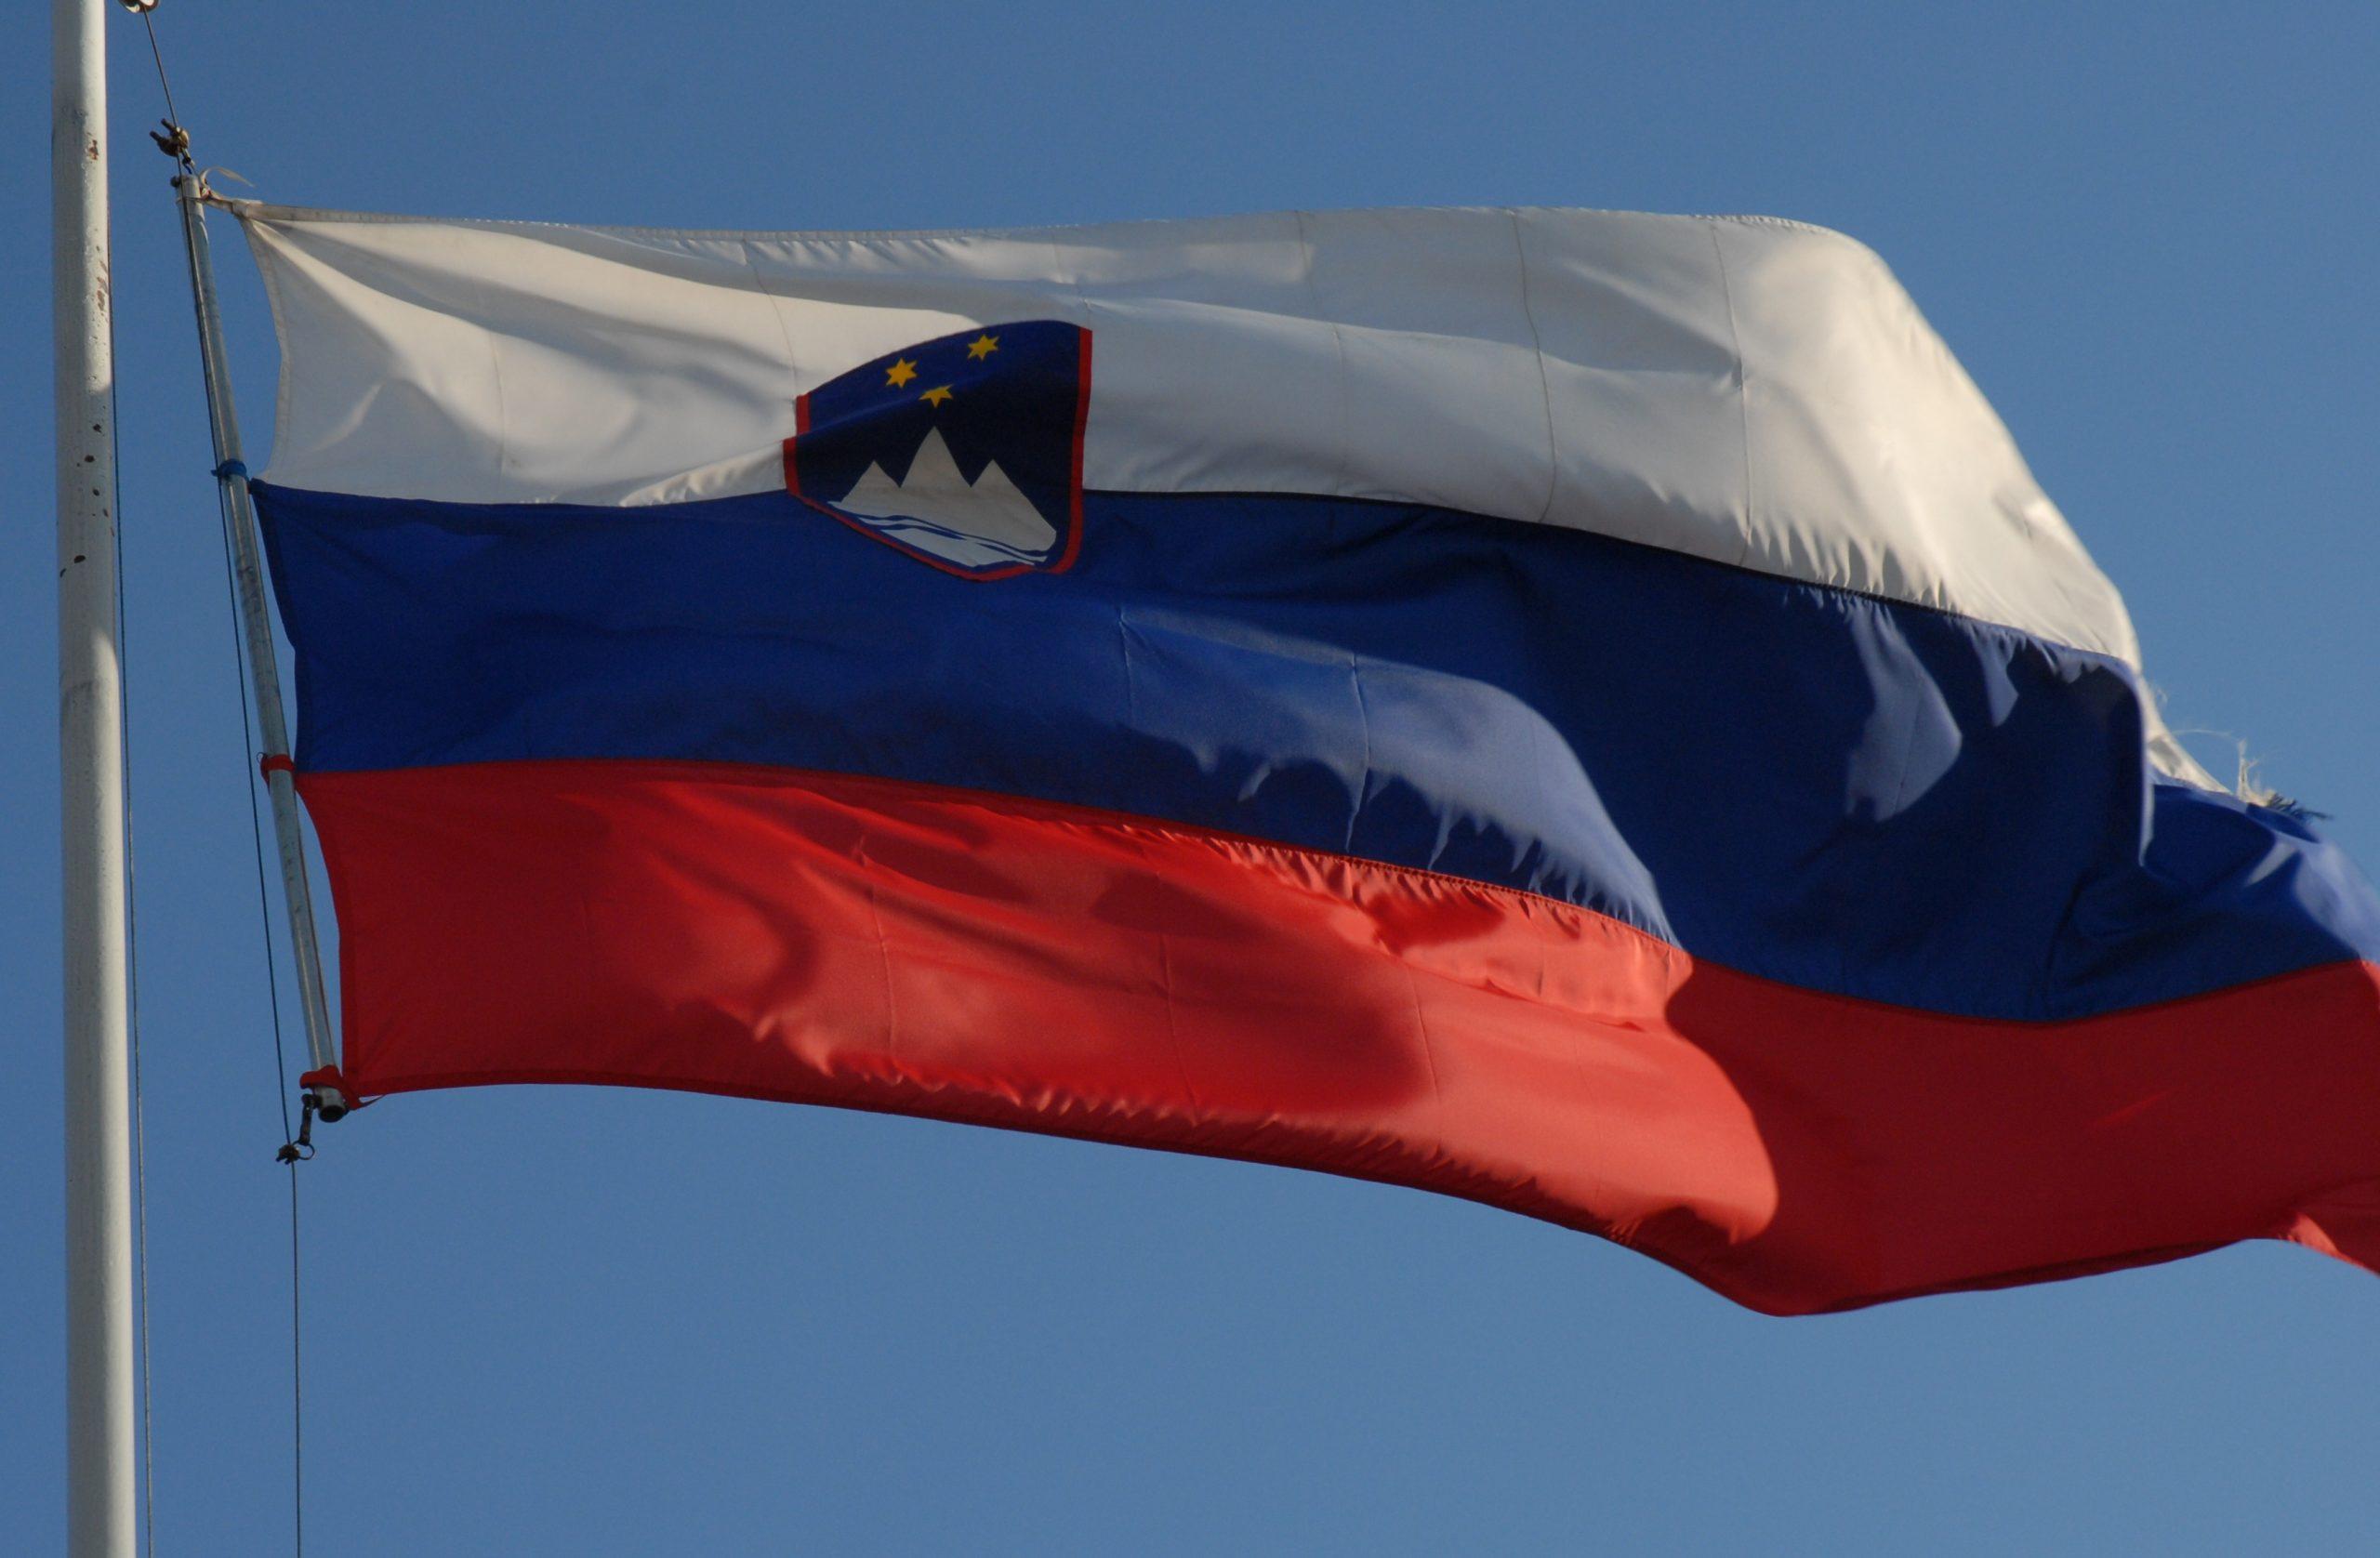 Slovenia press agency